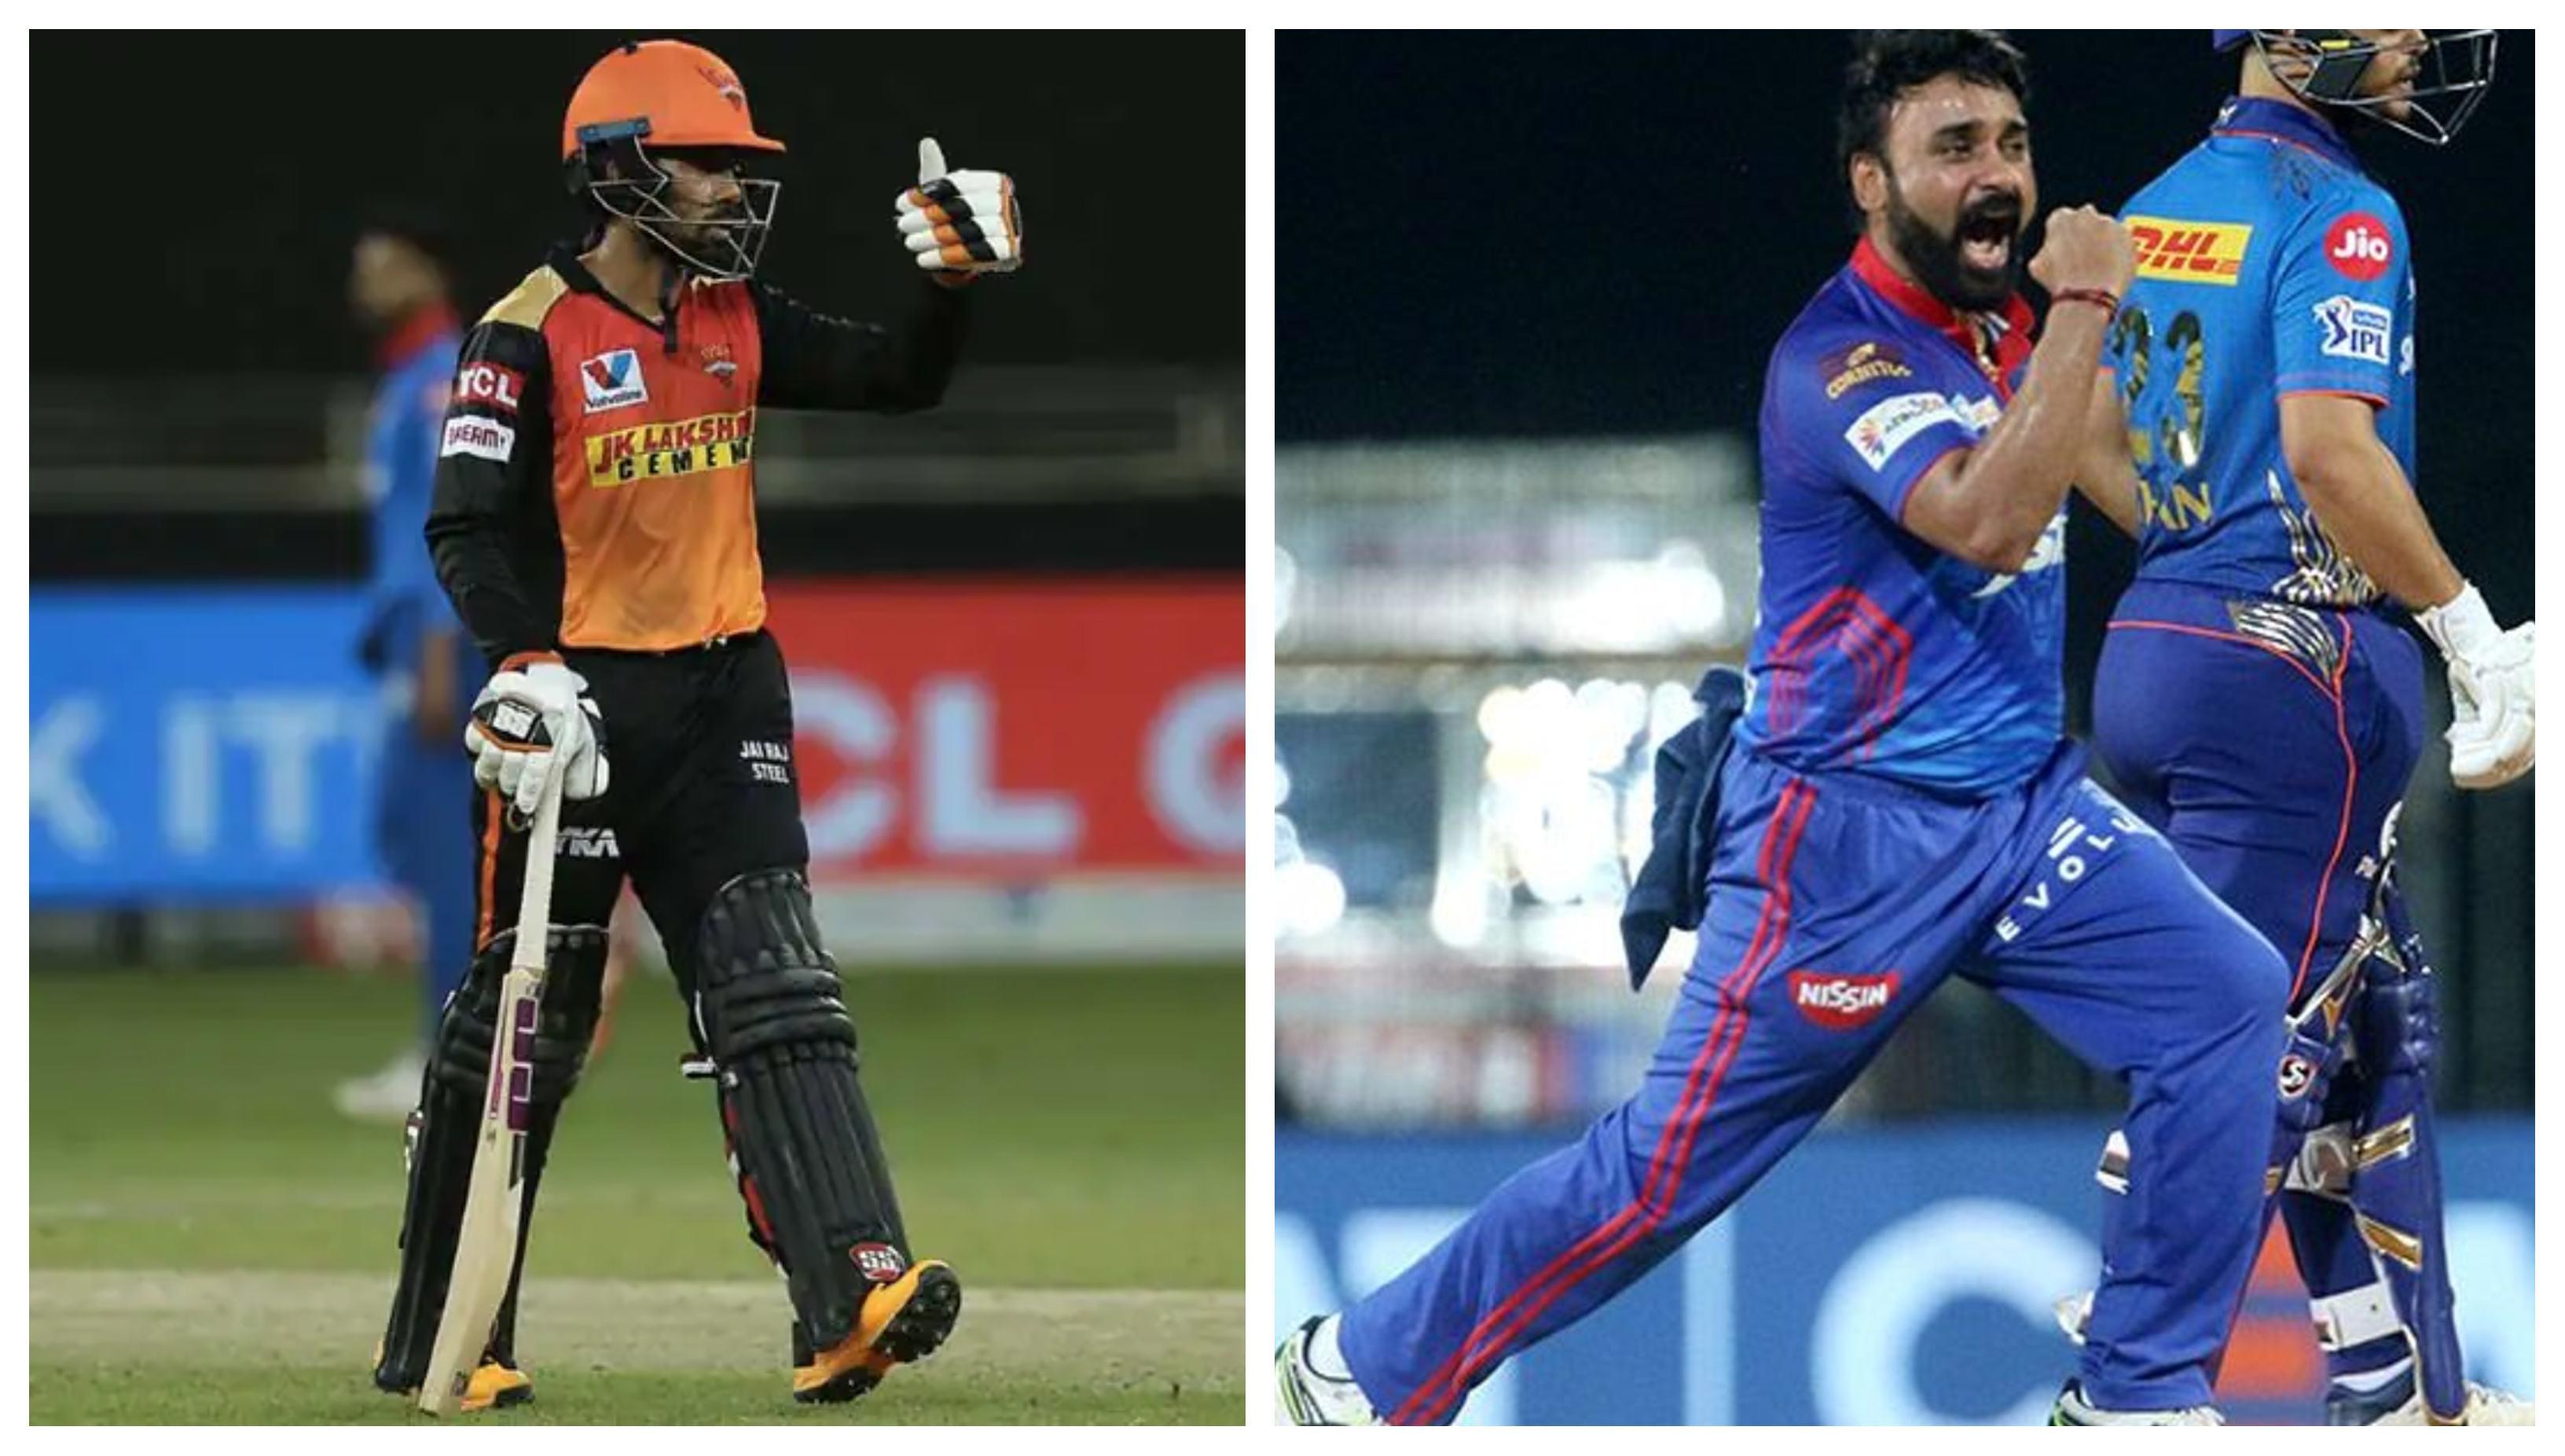 Wriddhiman Saha and Amit Mishra | BCCI/IPL